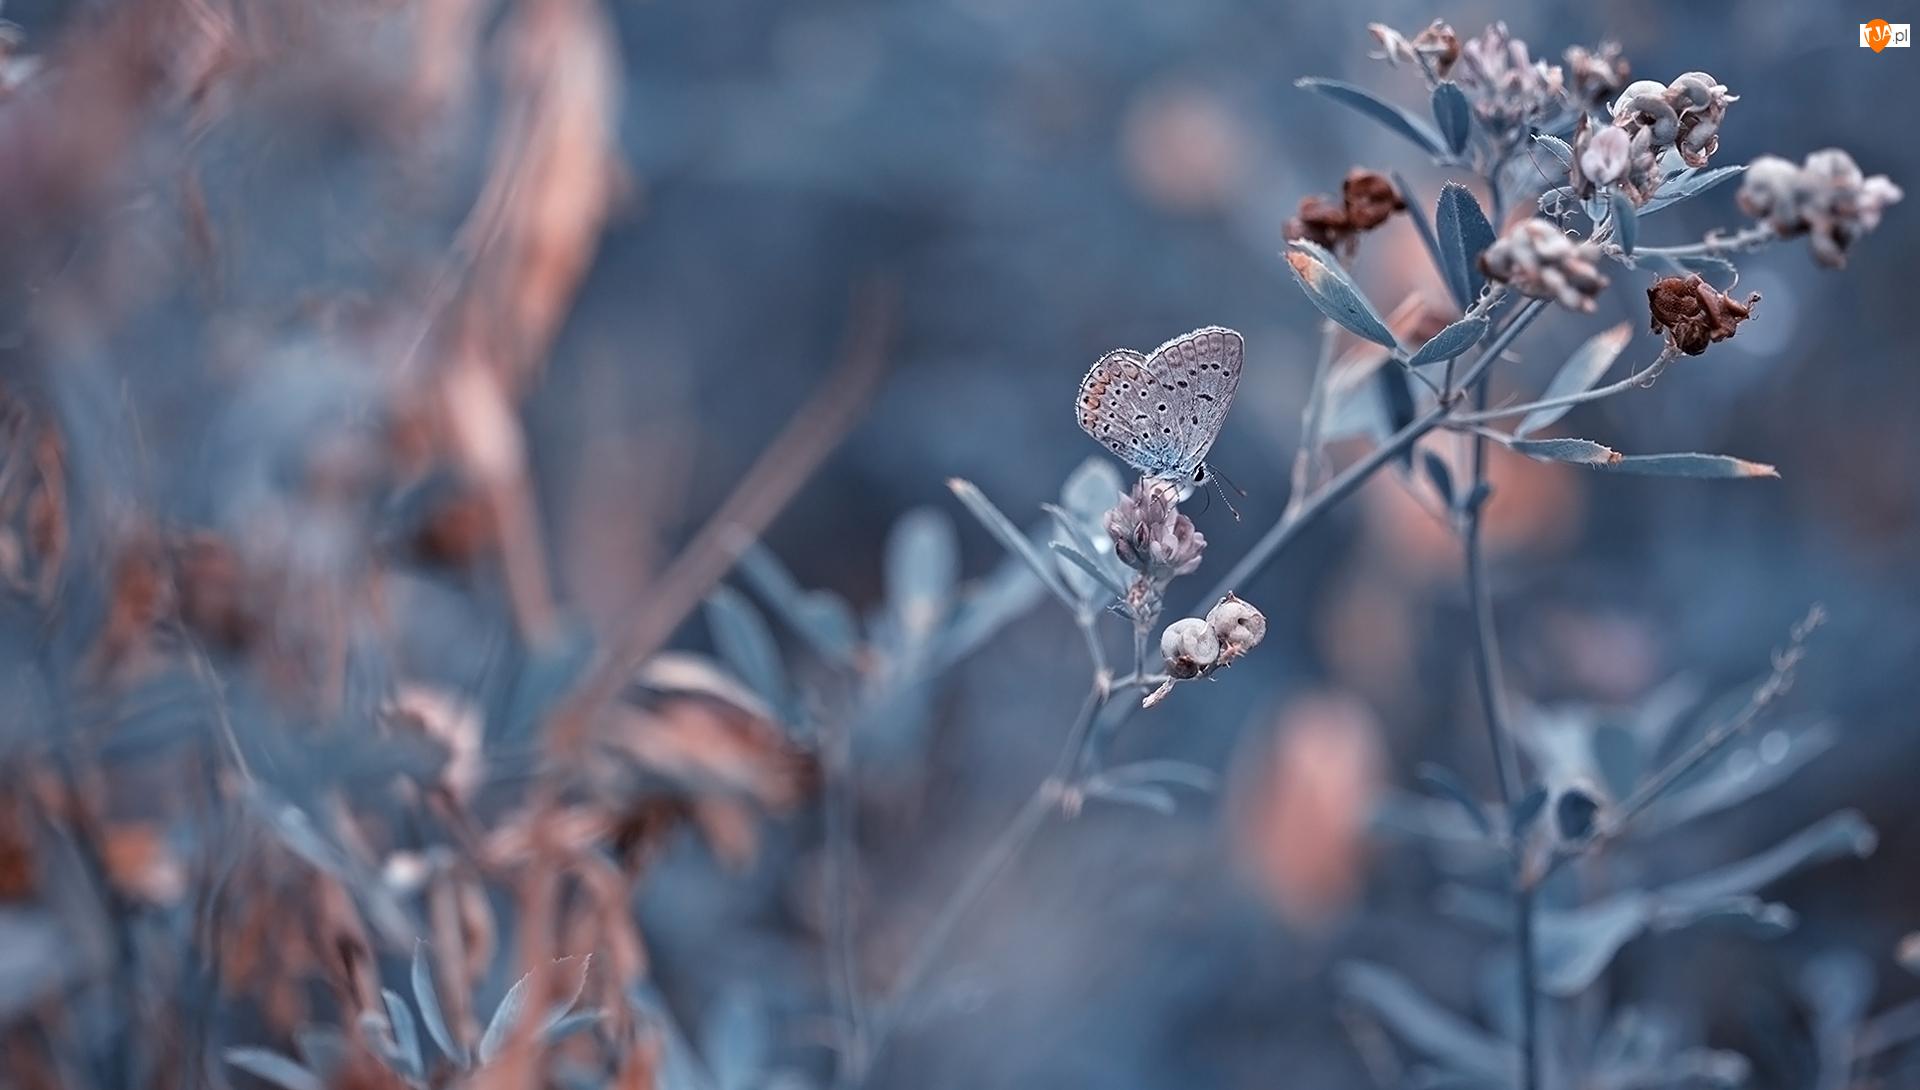 Rozmycie, Rośliny, Motyl, Modraszek ikar